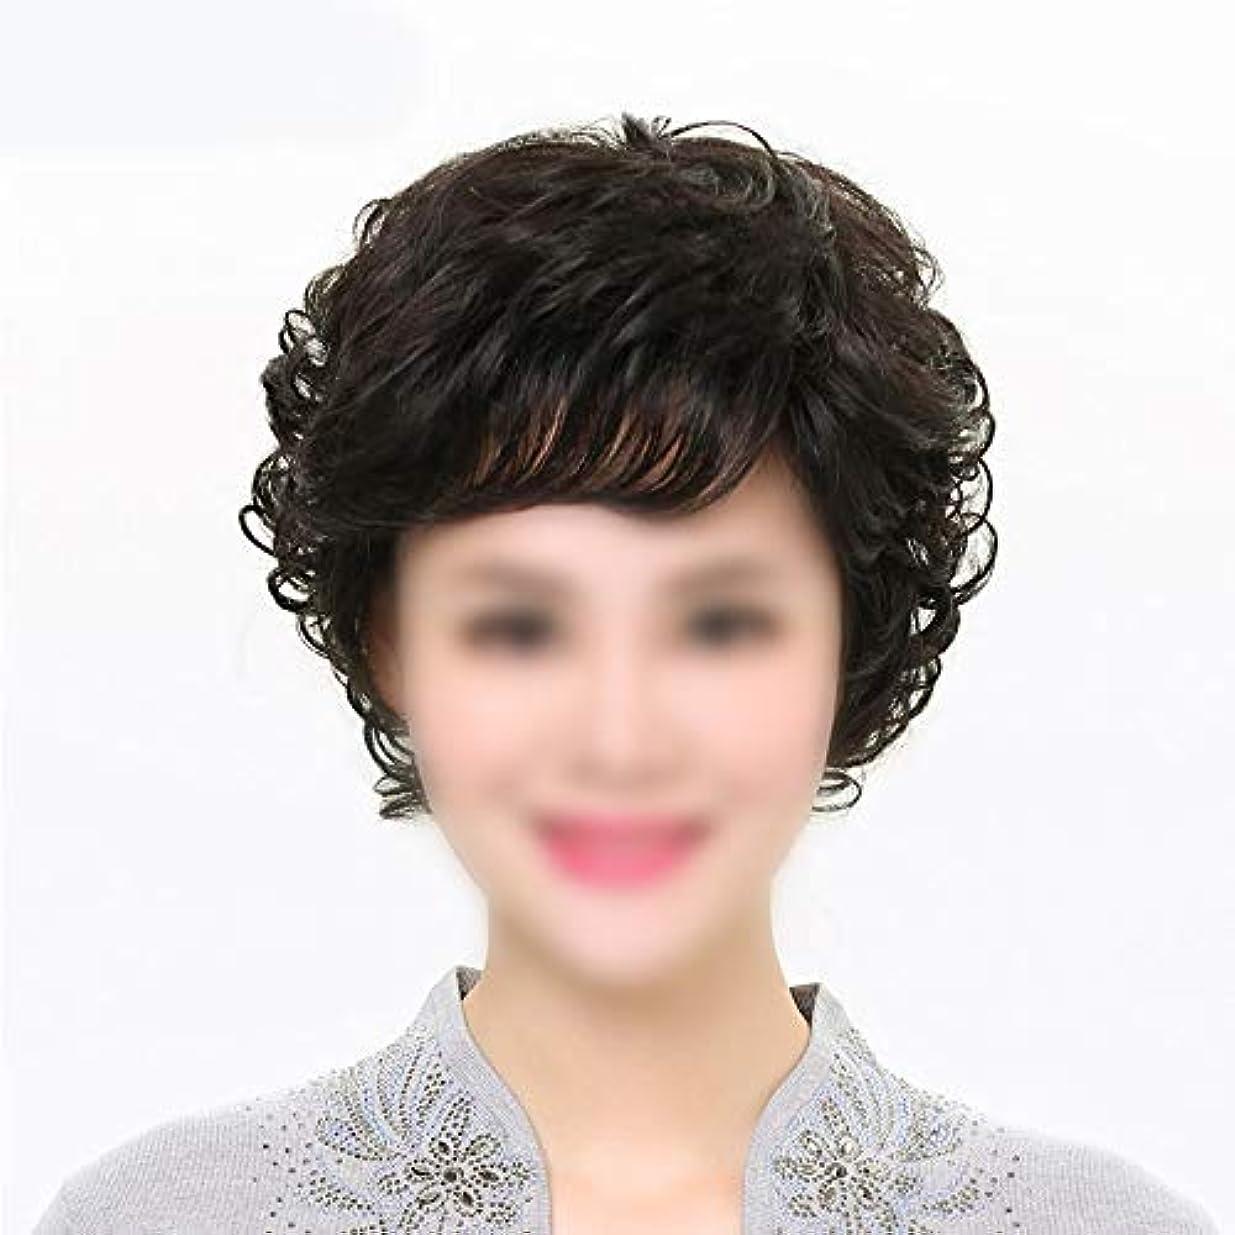 検査官繊維稼ぐYOUQIU 母ヘアウィッグ中年ウィッグウィッグのために前髪を持つ女性の本当の髪のショートカーリーヘア (色 : 黒, Edition : Mechanism)